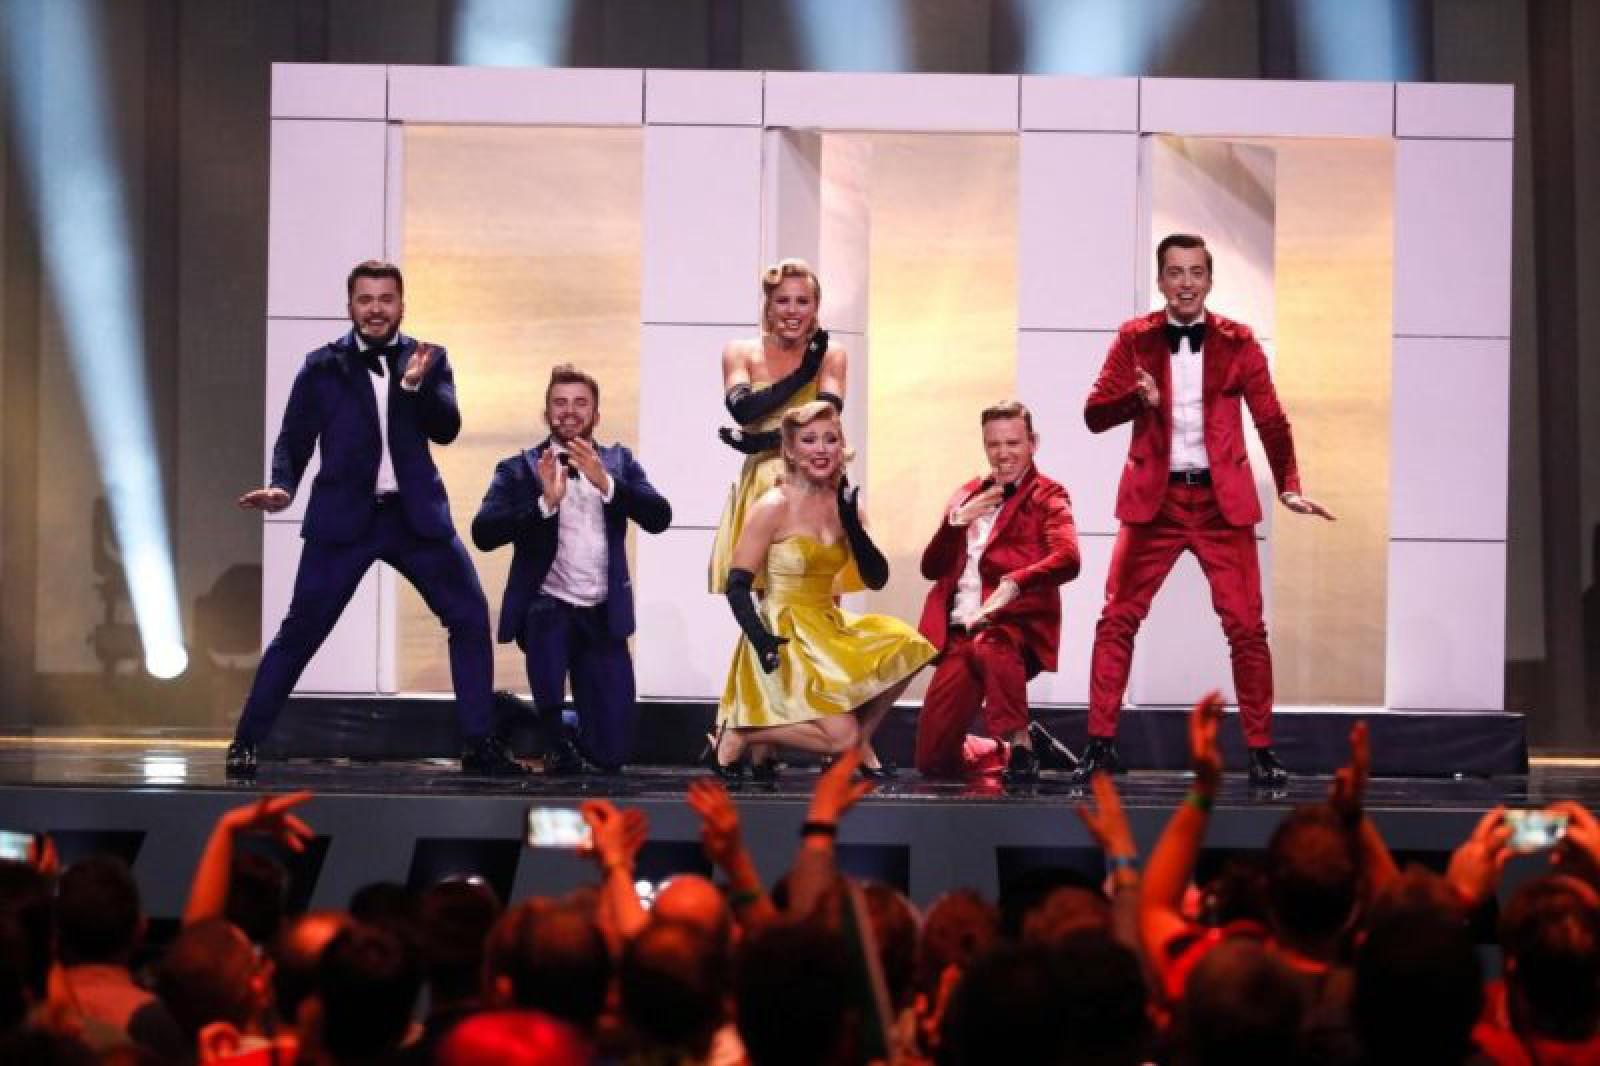 Astăzi are loc finala concursului Eurovision 2018. Sub ce număr va evolua Republica Moldova